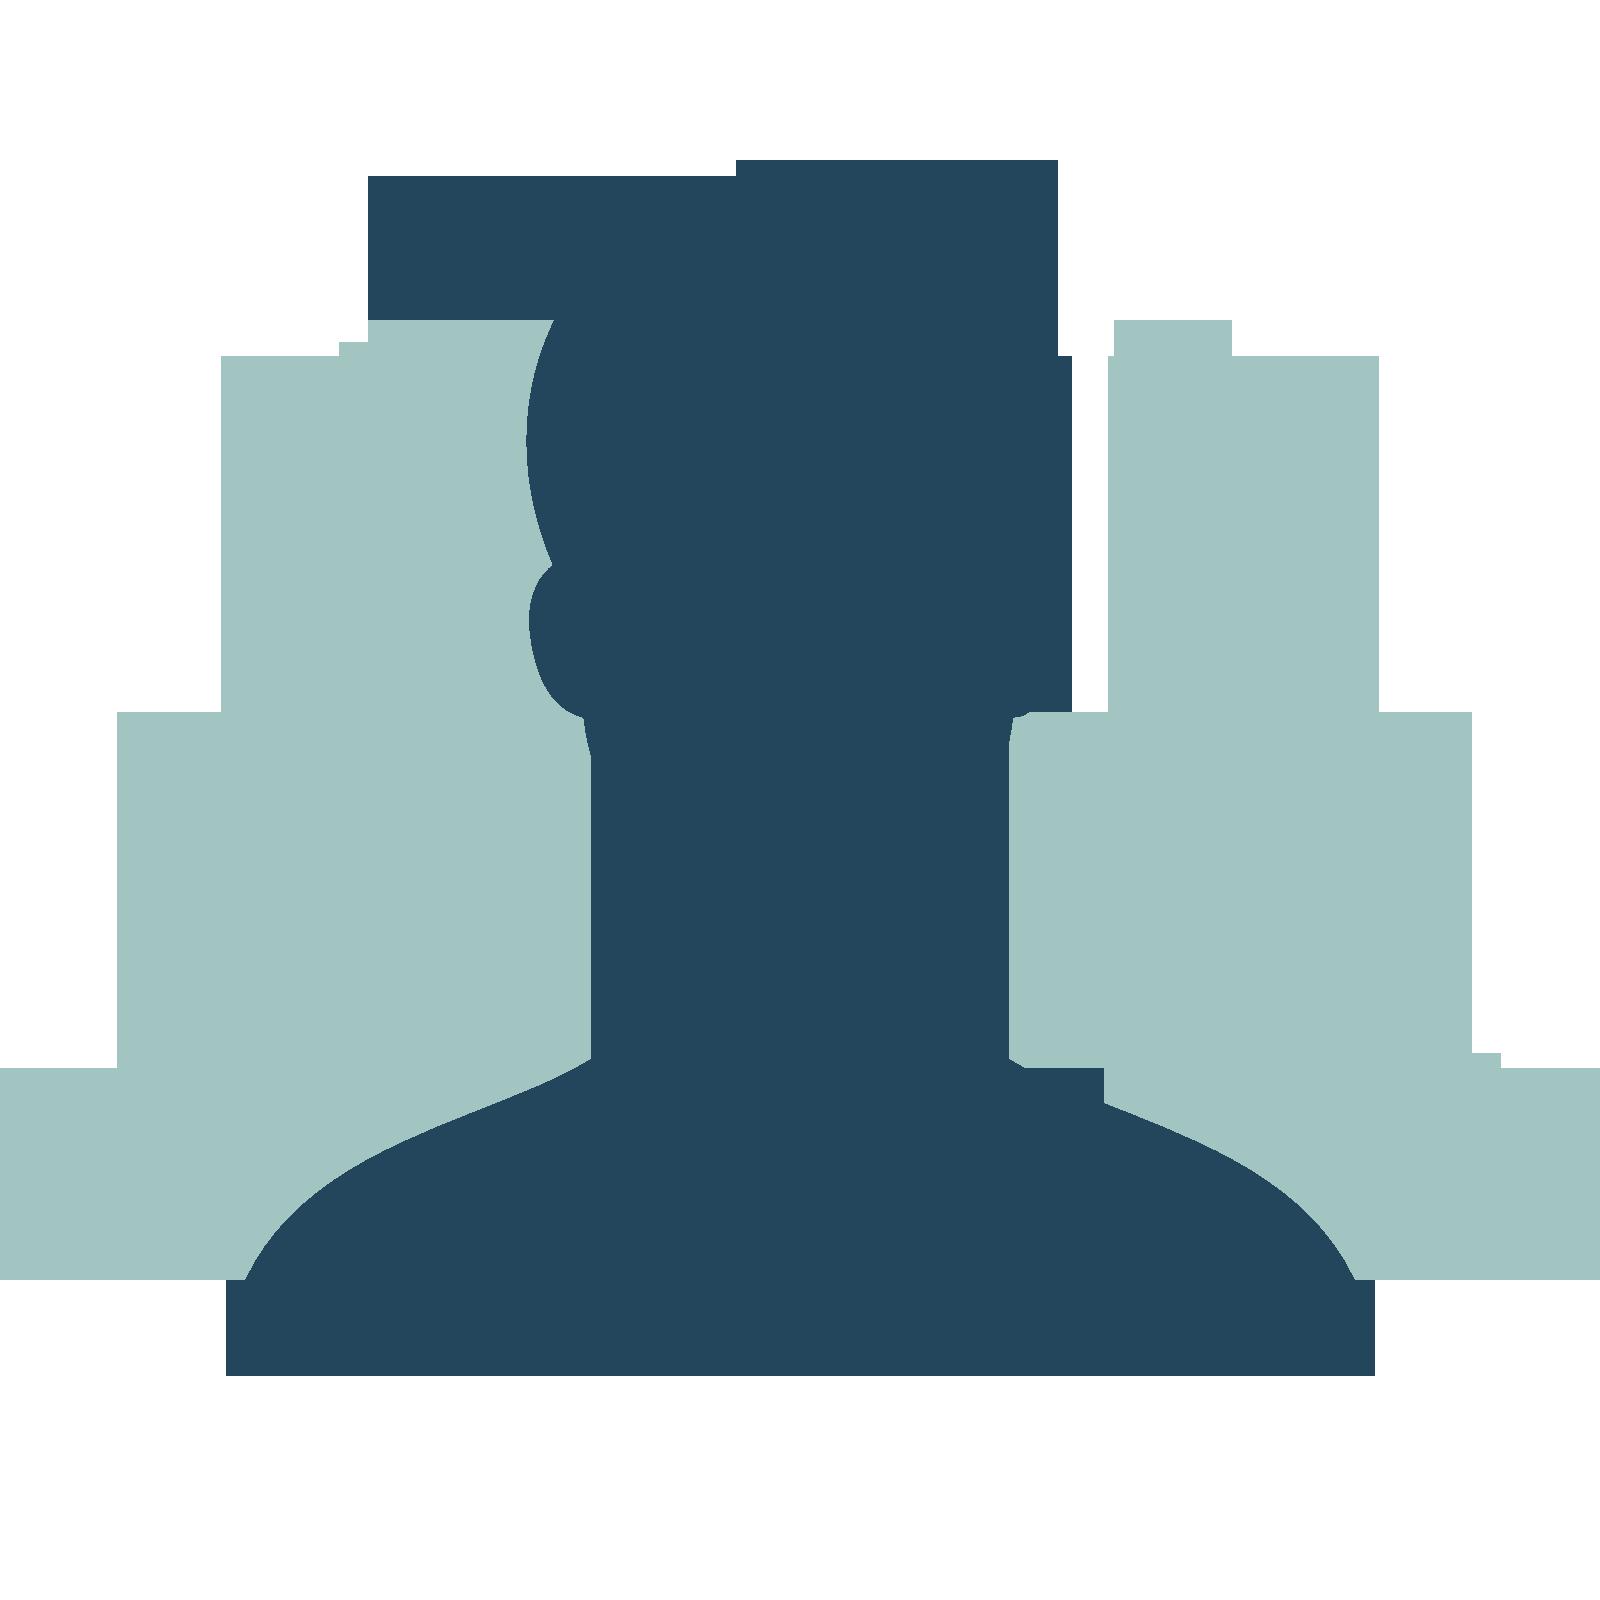 Nicolucci Consulting | Consulenza aziendale e marketing a Torino